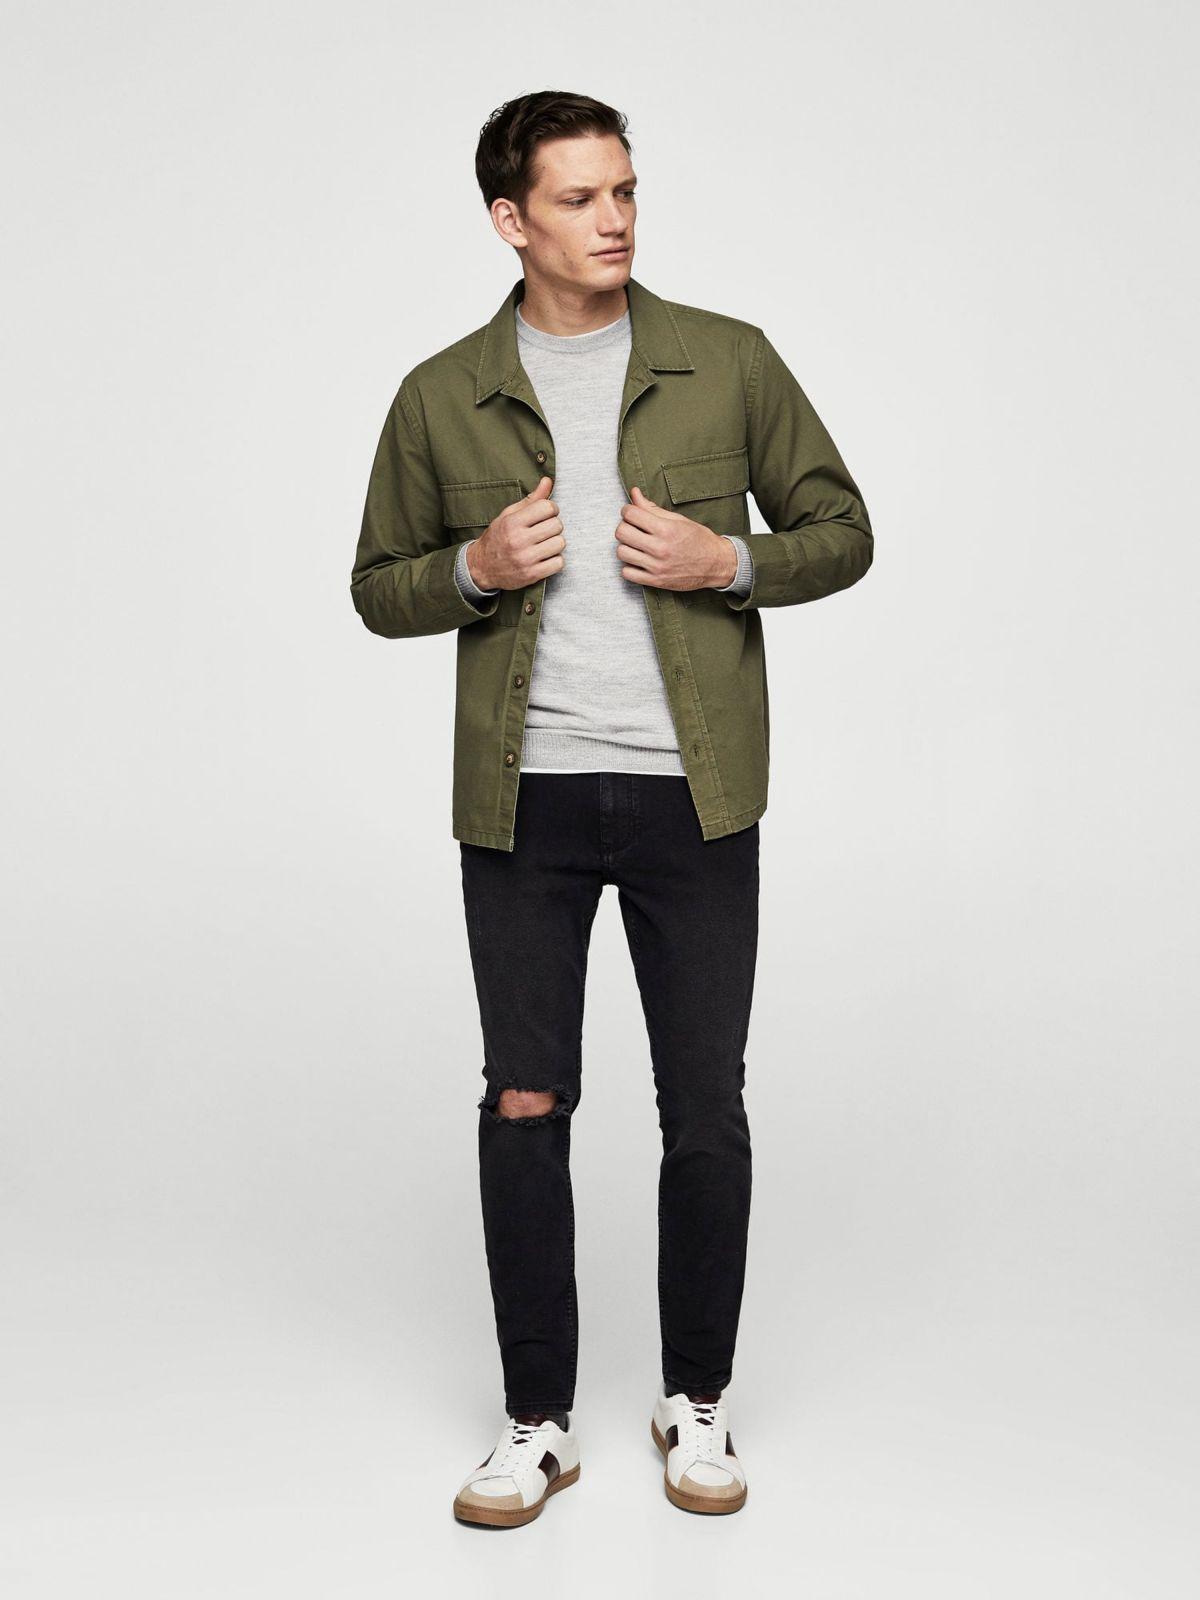 ג'ינס סקיני עם קרע בברךג'ינס סקיני עם קרע בברך של MANGO